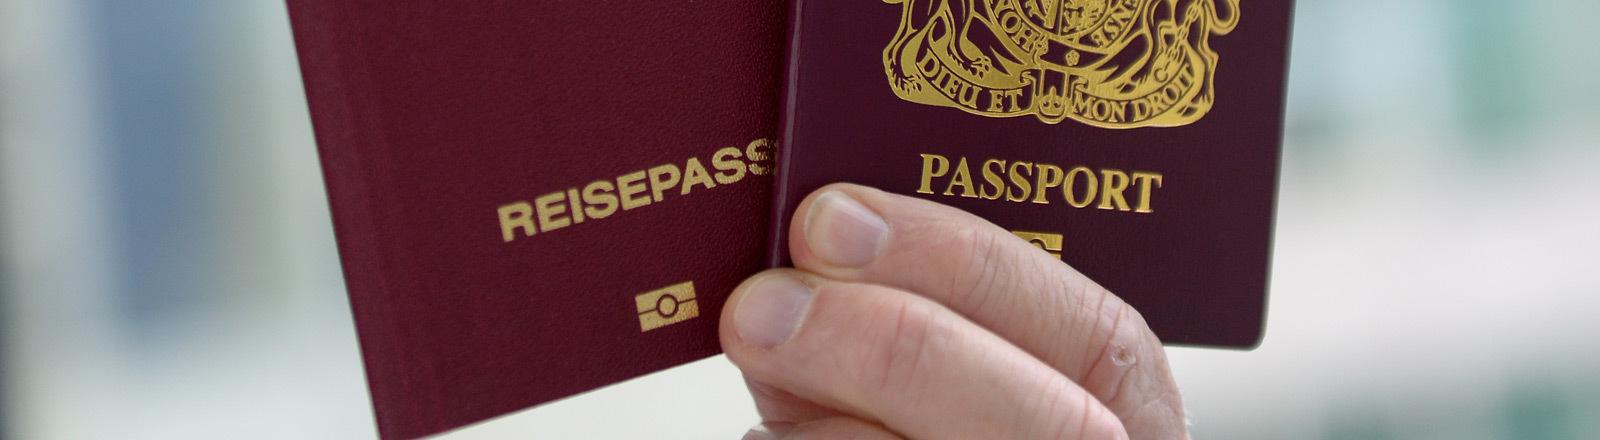 Deutscher und britischer Pass.